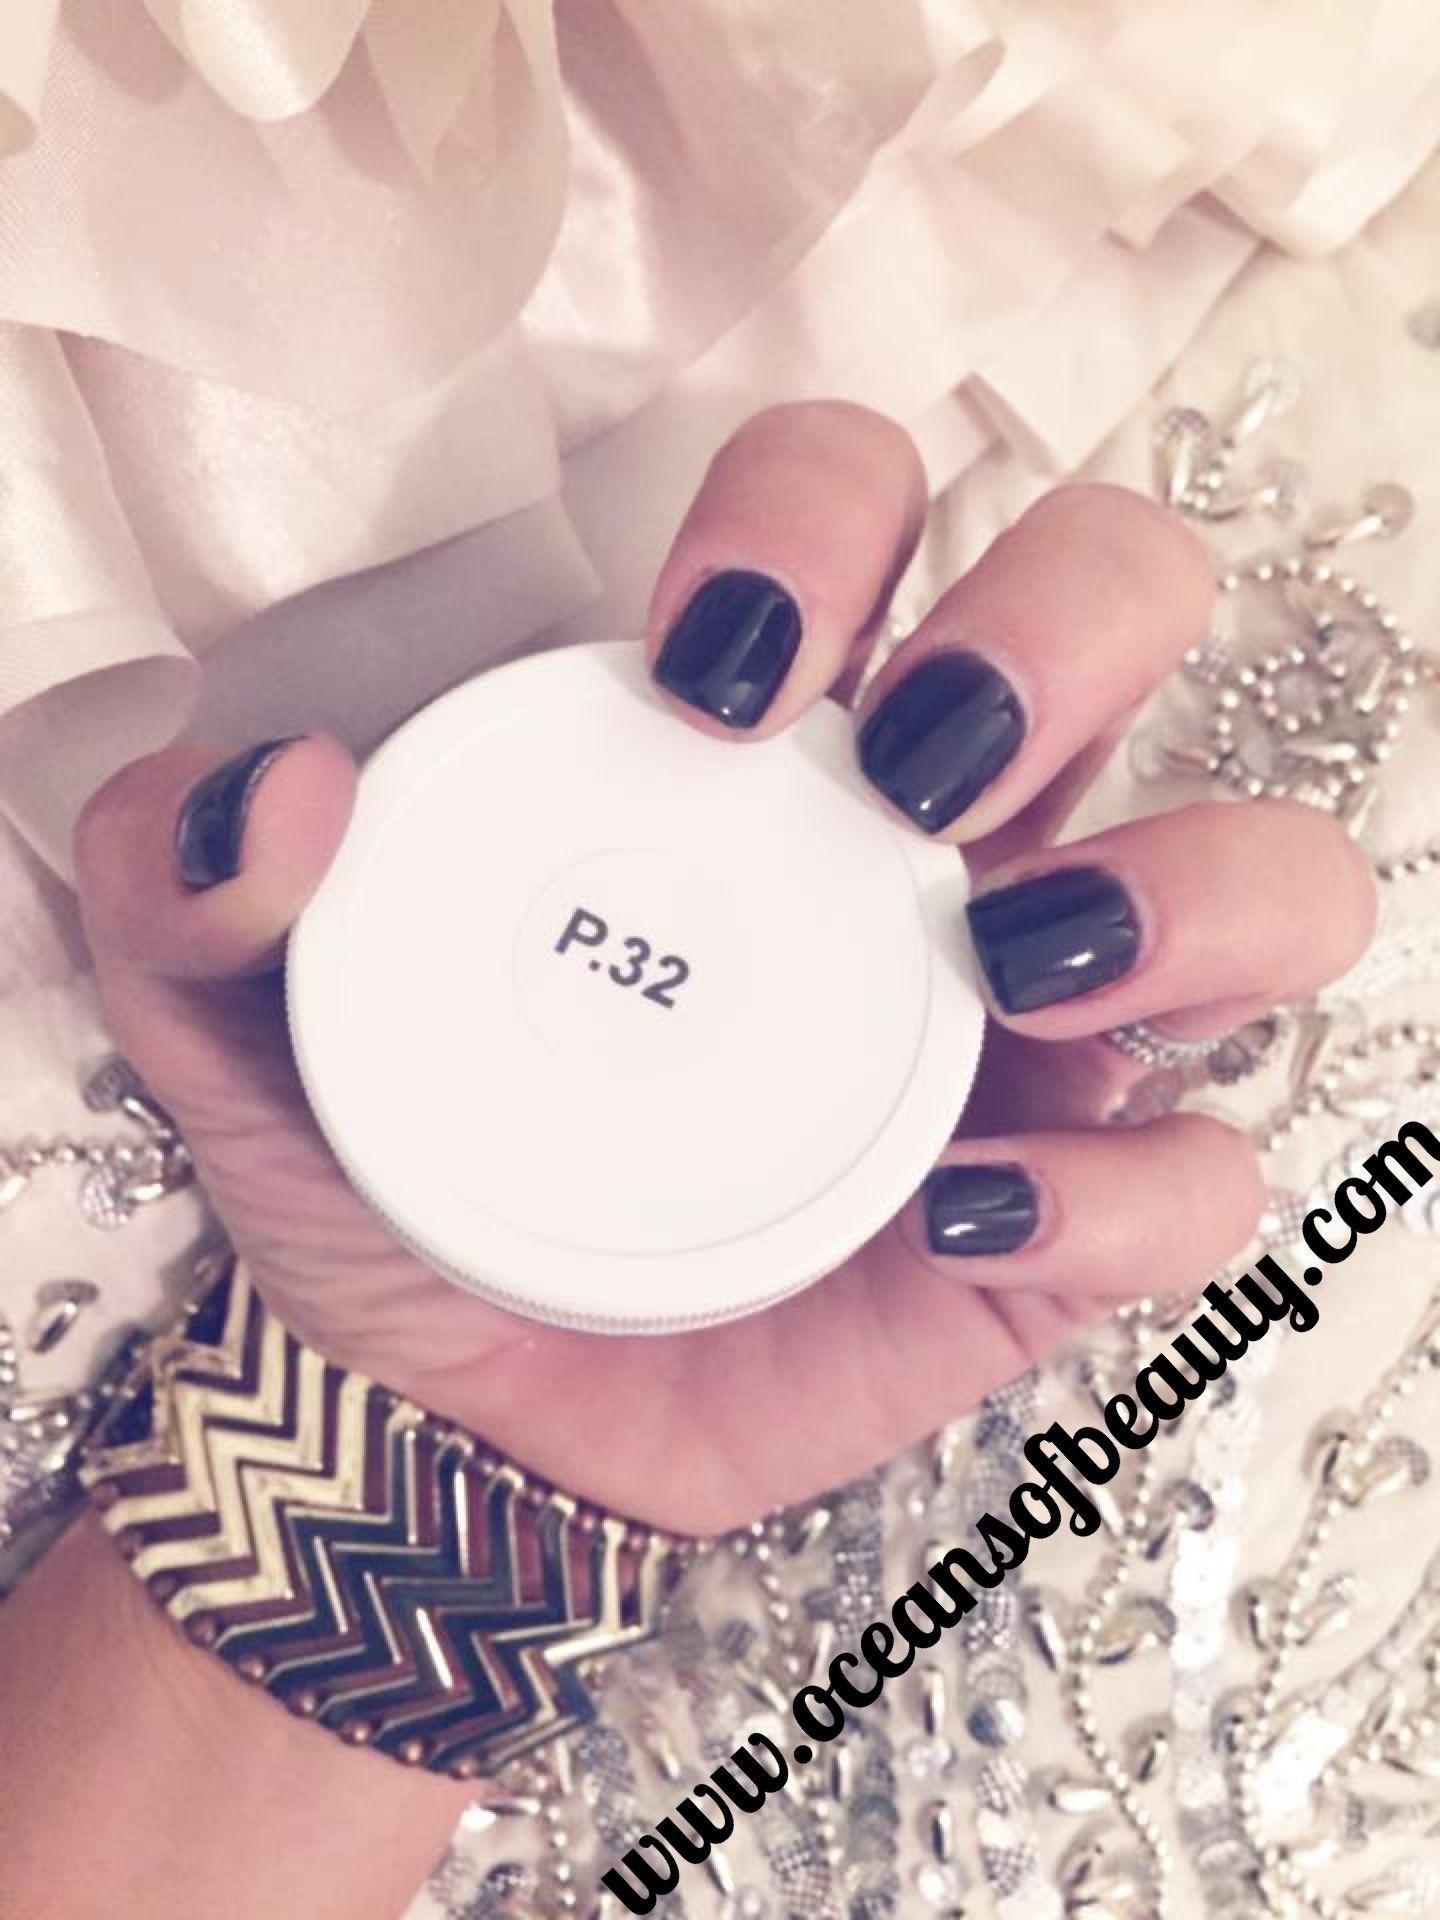 P.32 Gel Dip Powder, so easy to DIY! No lamps needed, lasts 2-3 ...